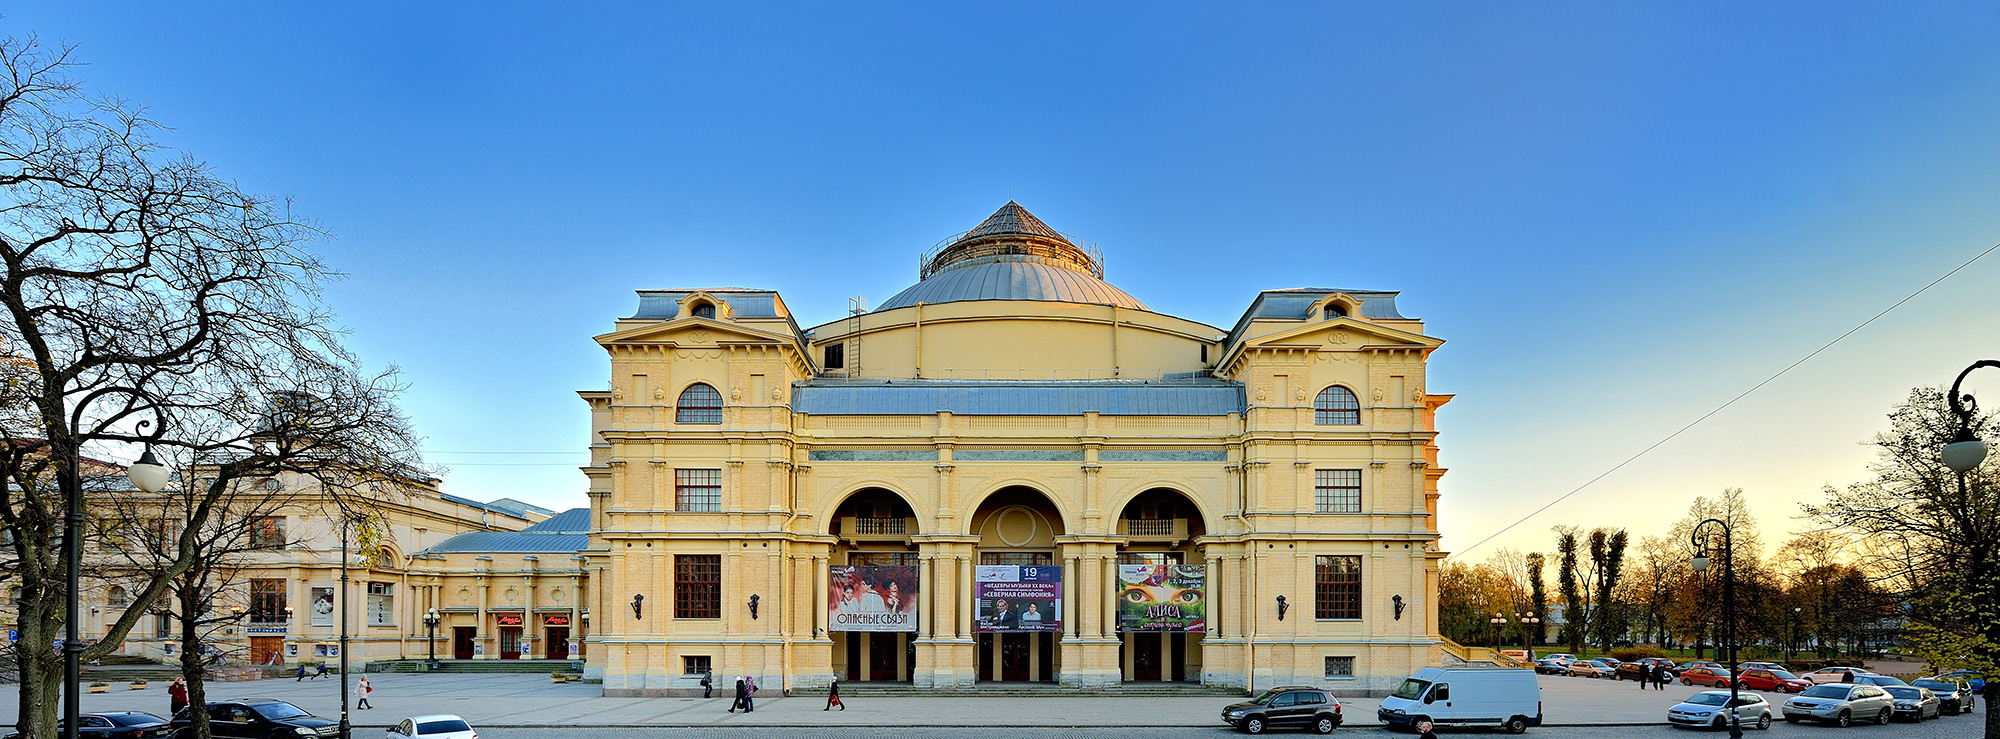 Организация билетов в театры петербурга афиша дом кино иркутске